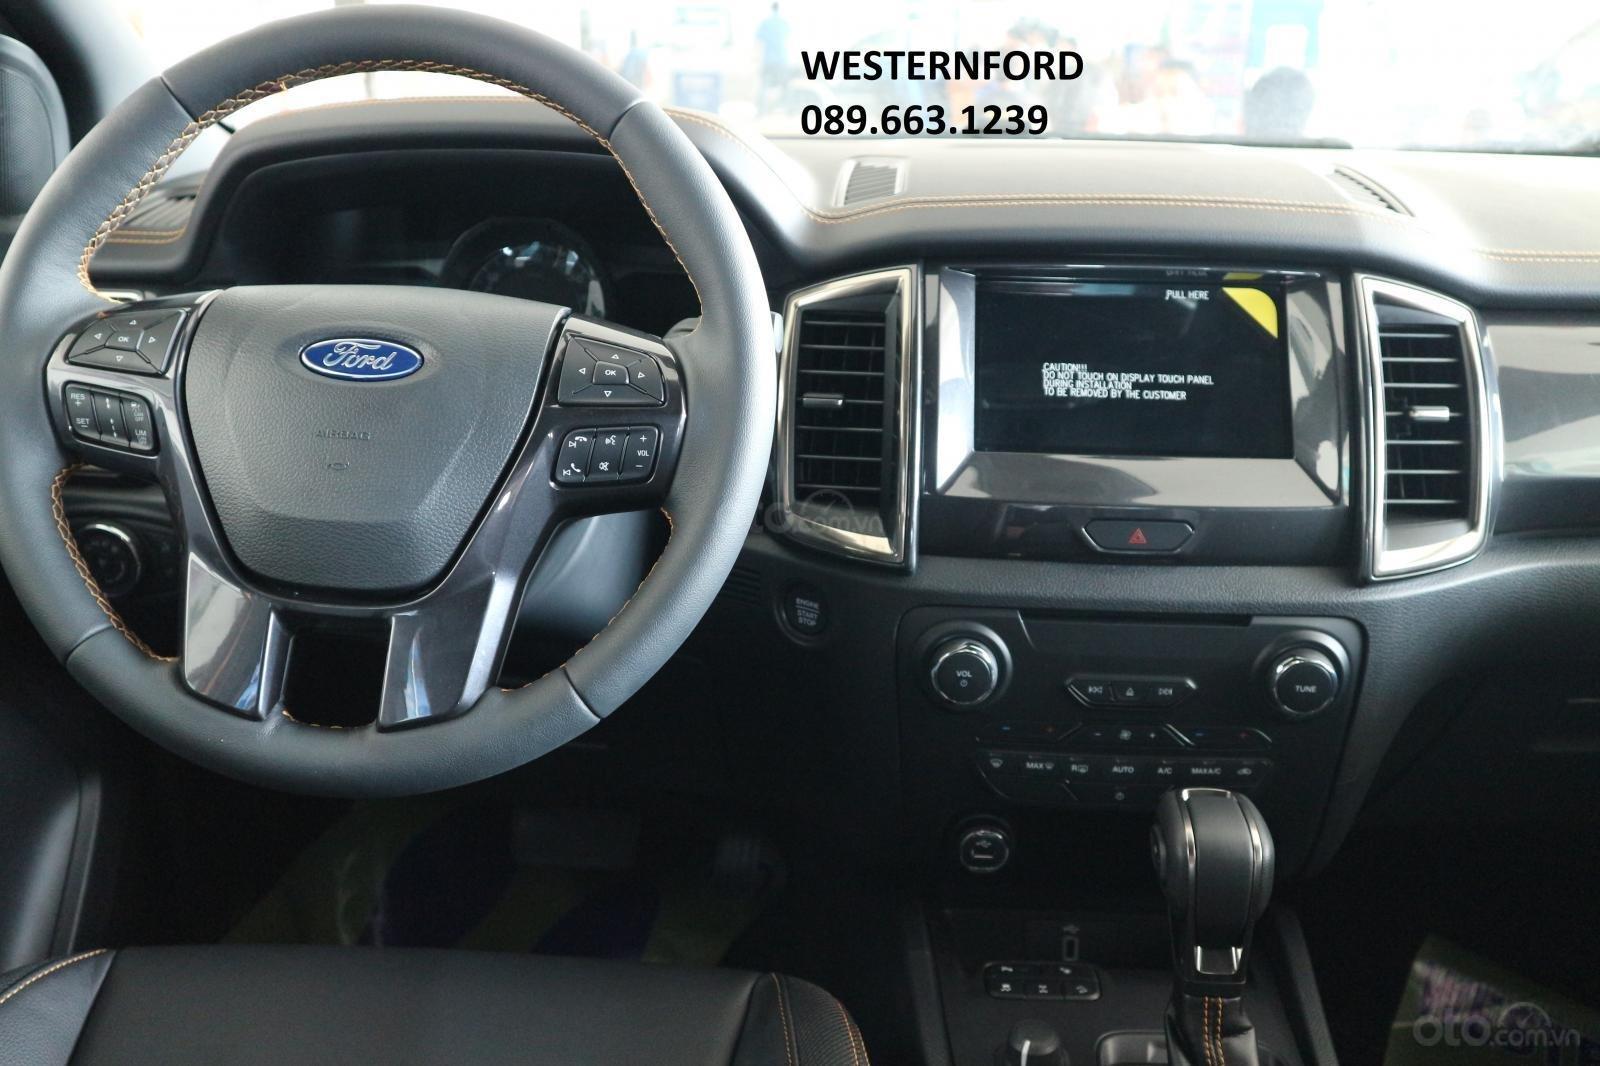 Ford Ranger 2019 XLS, XLT, Wildtrak, Raptor, full màu, full xe, quà tặng hấp dẫn-3